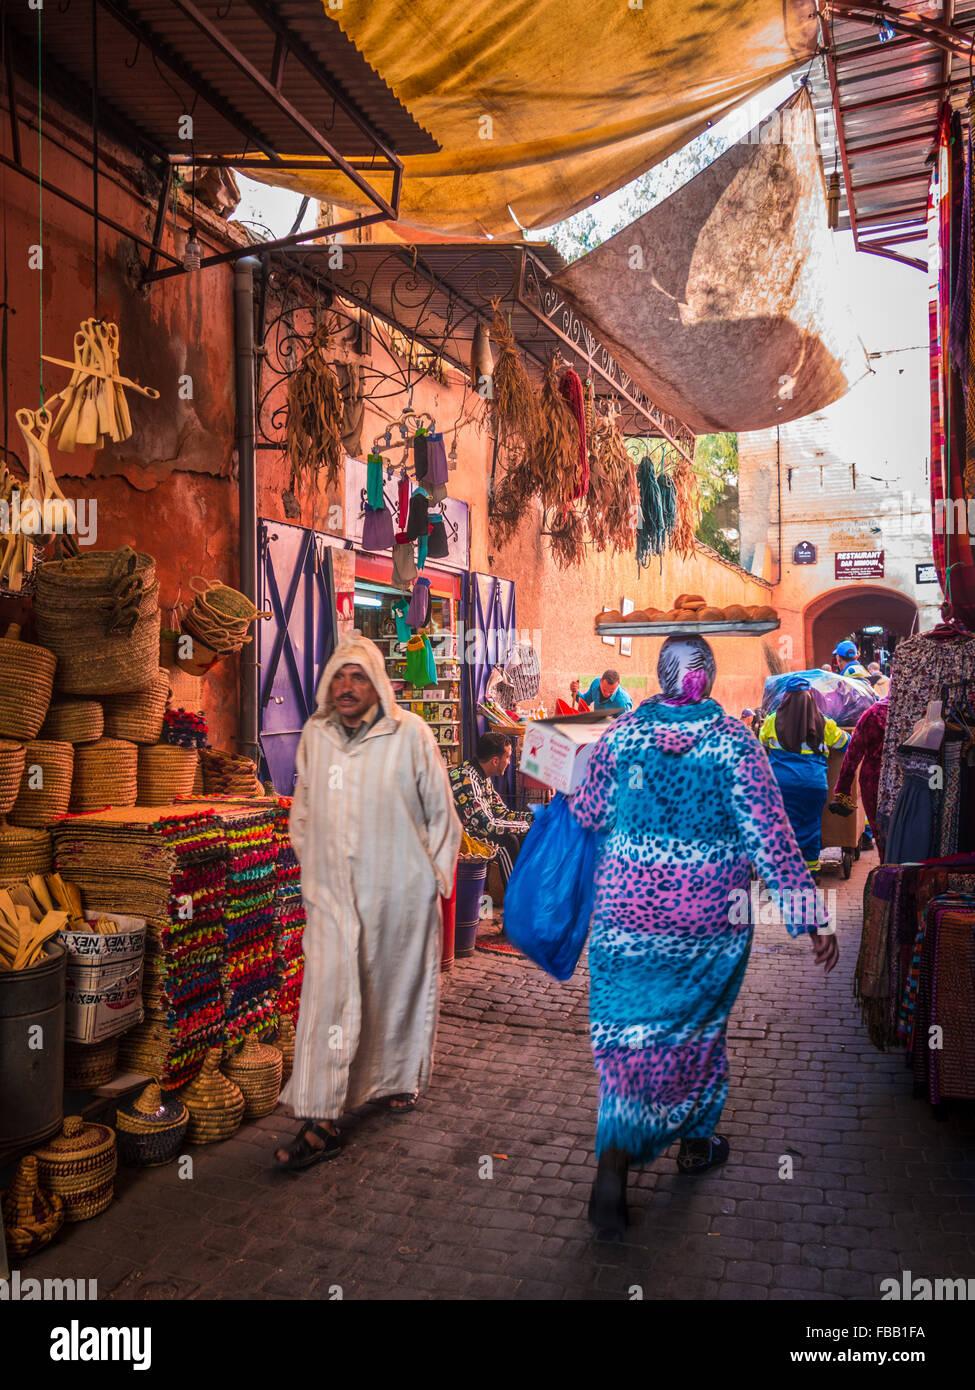 La vida en la calle Marrakech Medina Imagen De Stock